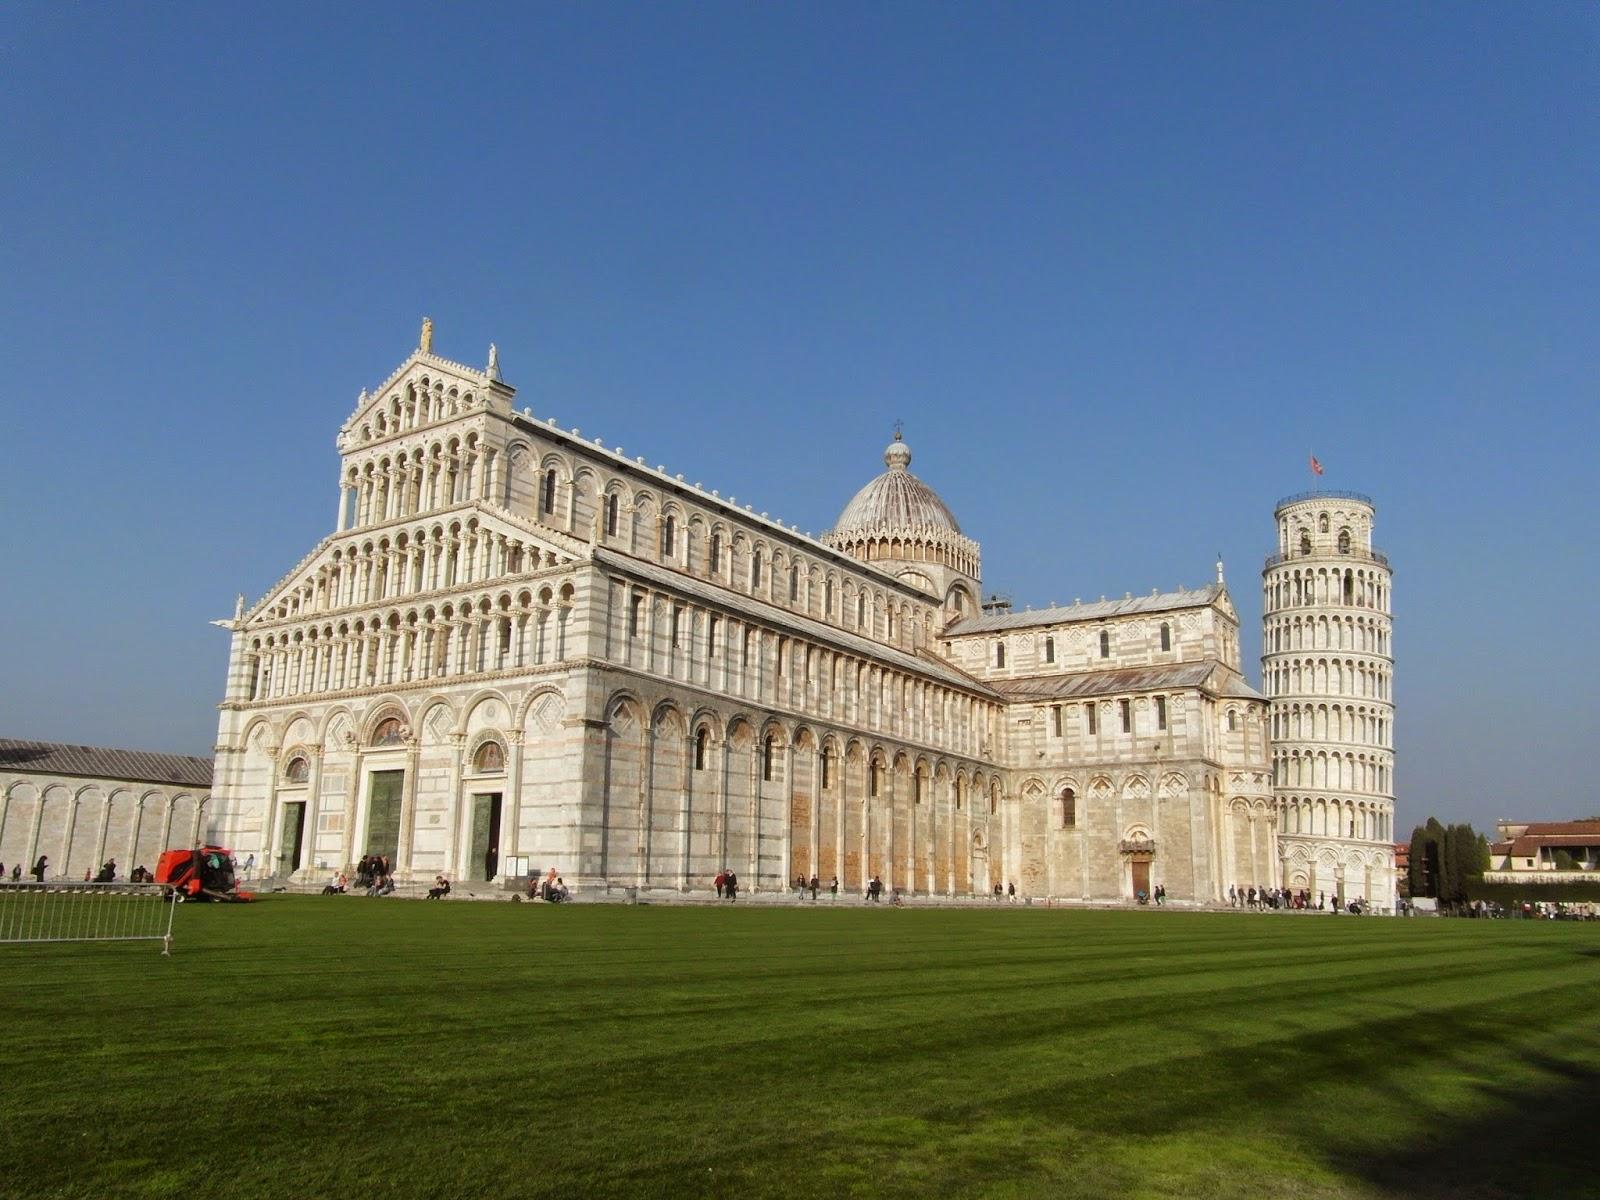 Blog de viajes :: viaxeros: Día 1: Madrid - Pisa